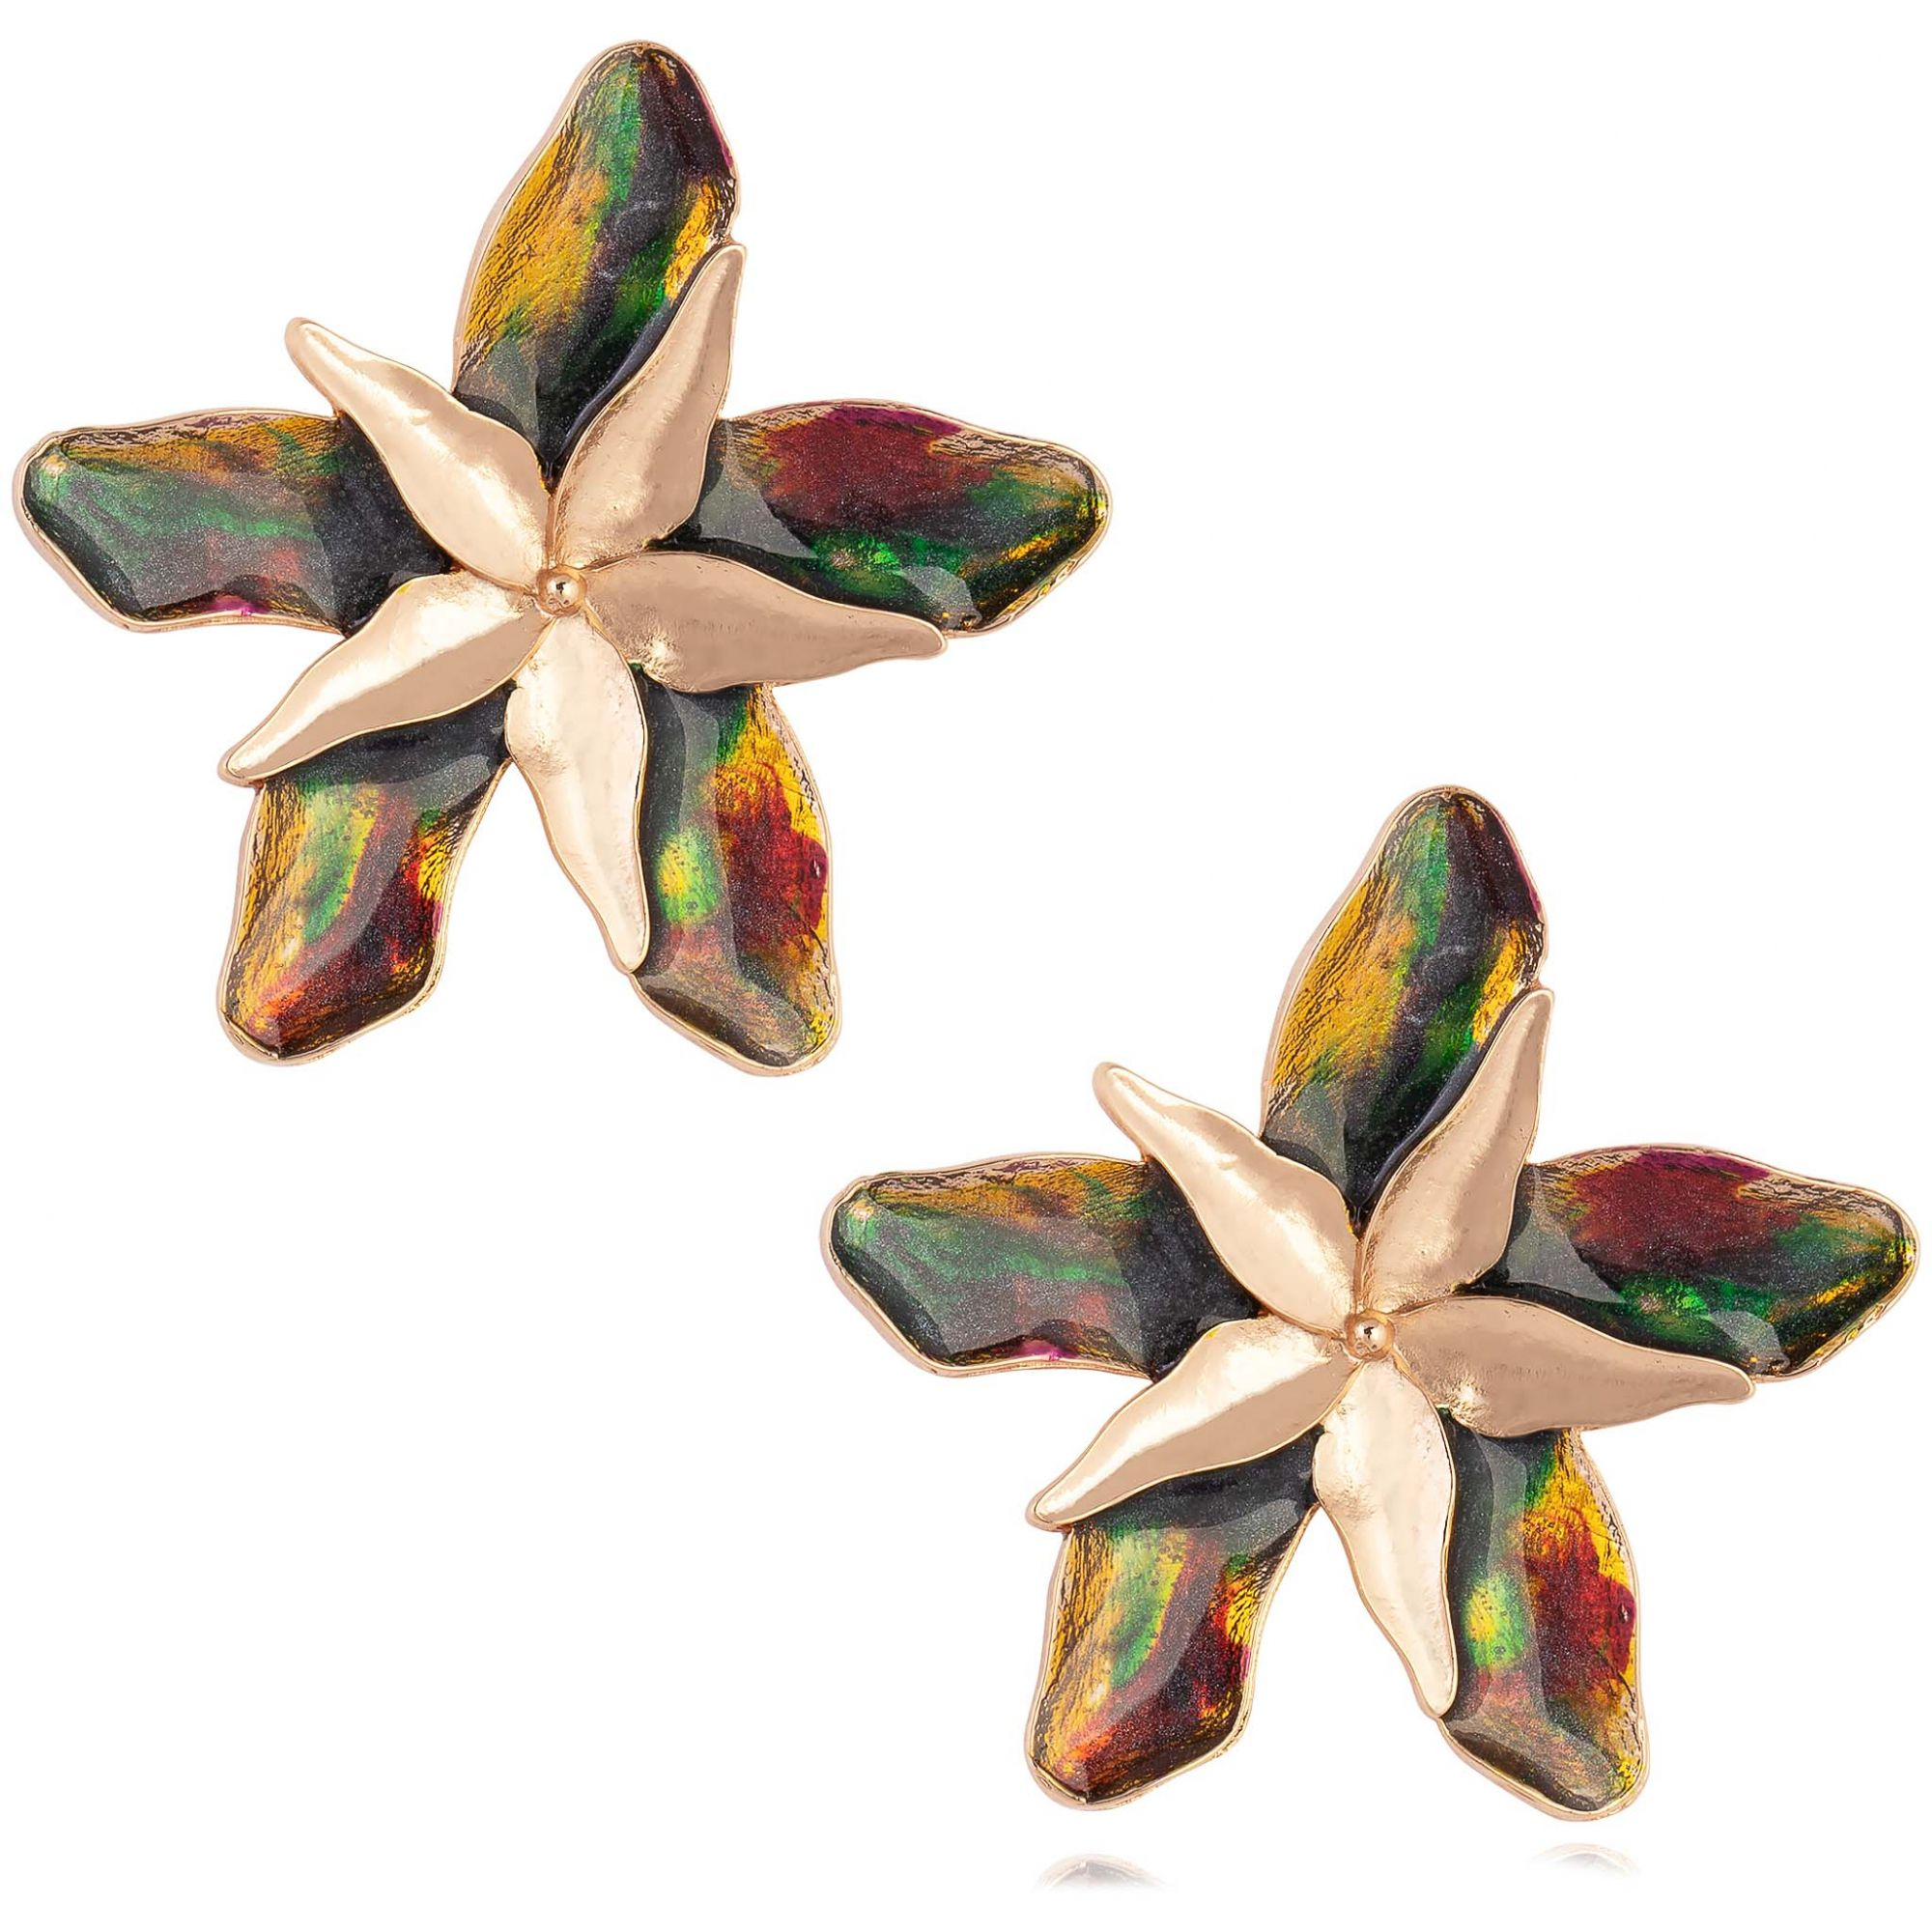 Brinco de flor banhado a ouro 18k resinado em multi color.  - romabrazil.com.br